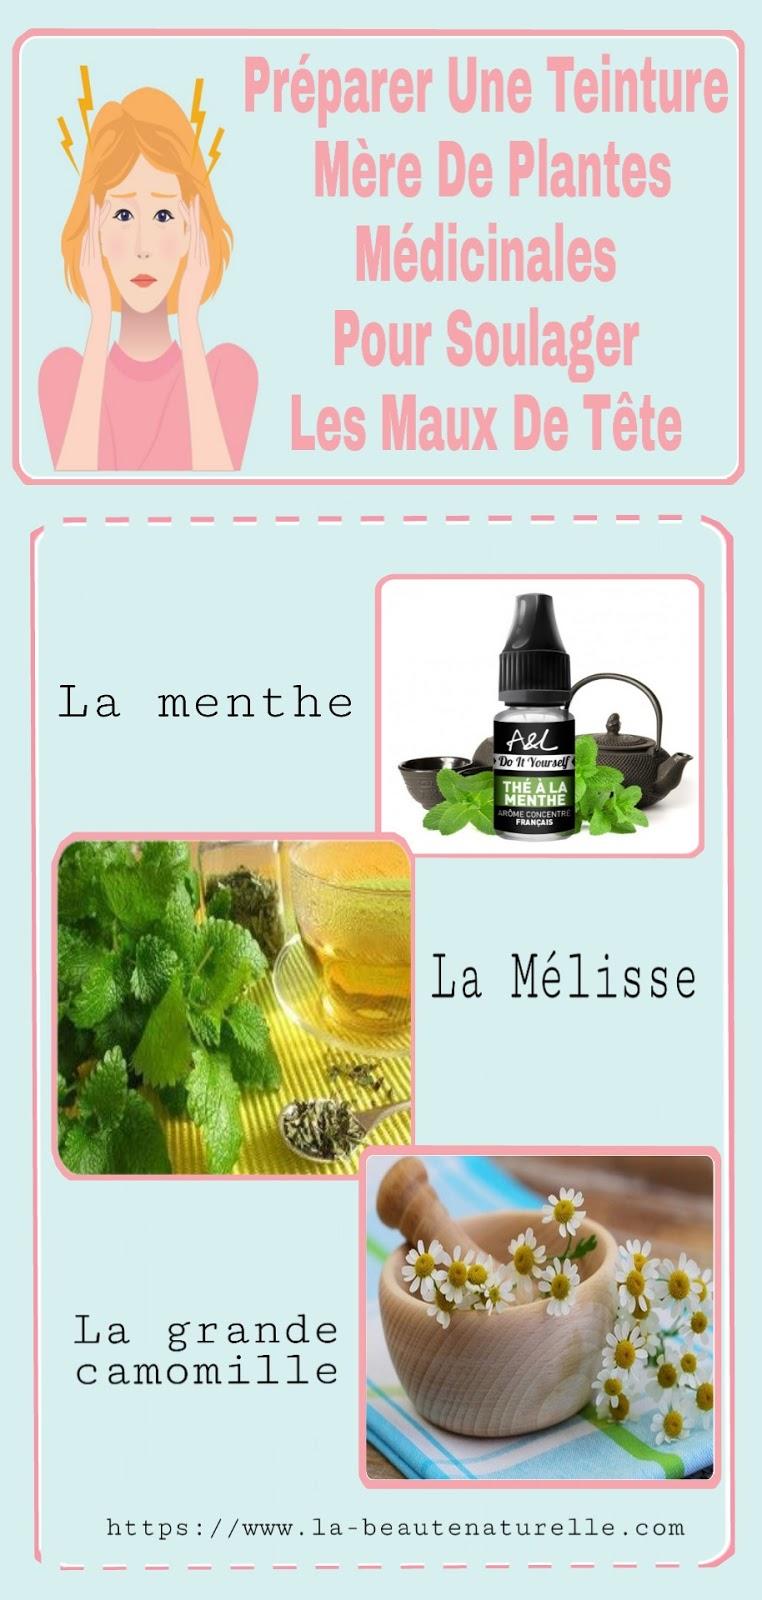 Préparer Une Teinture Mère De Plantes Médicinales Pour Soulager Les Maux De Tête